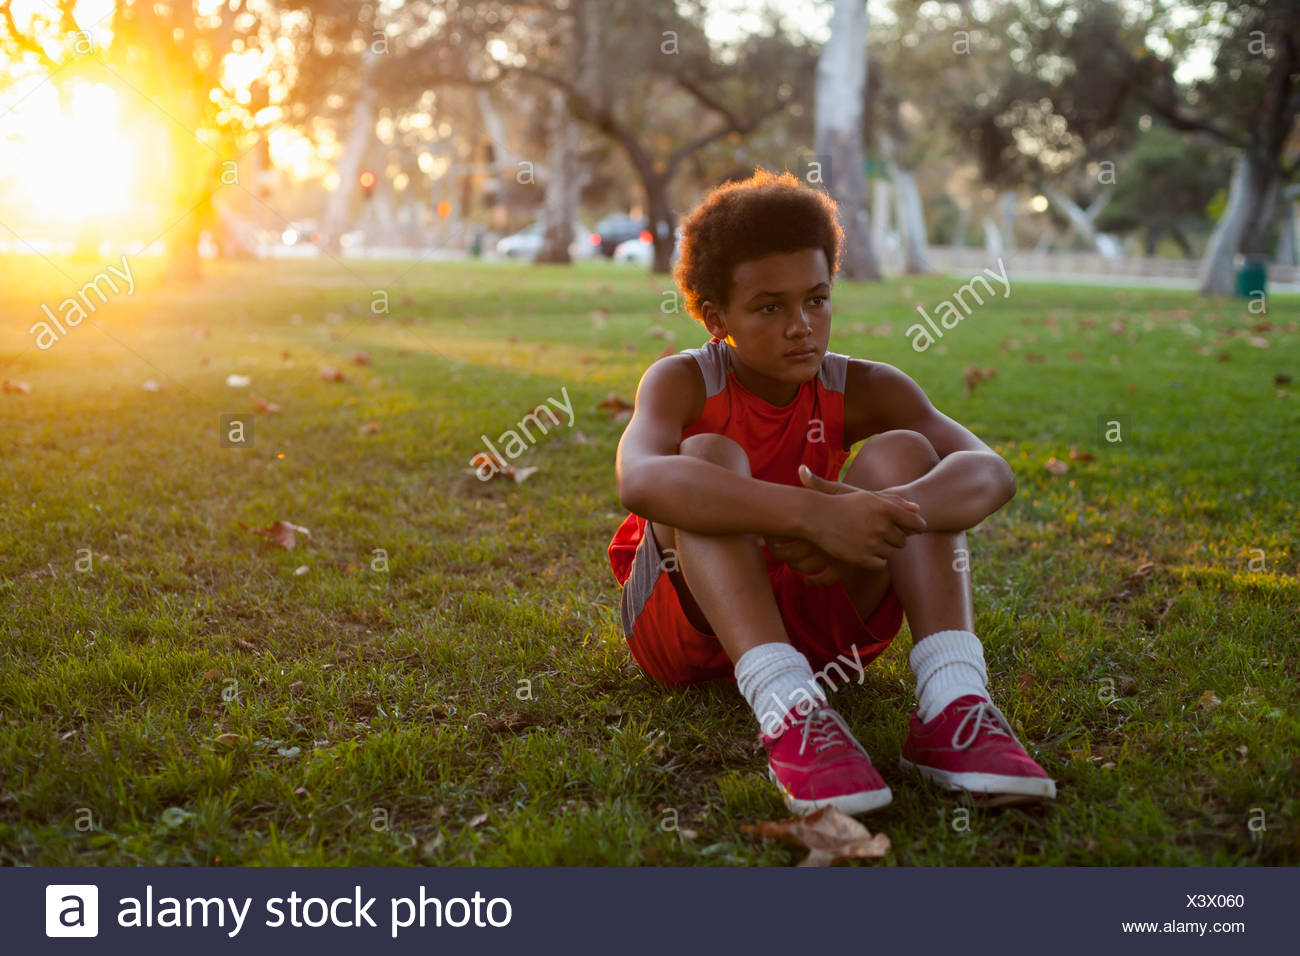 Triste buscando muchacho sentado en el parque Imagen De Stock